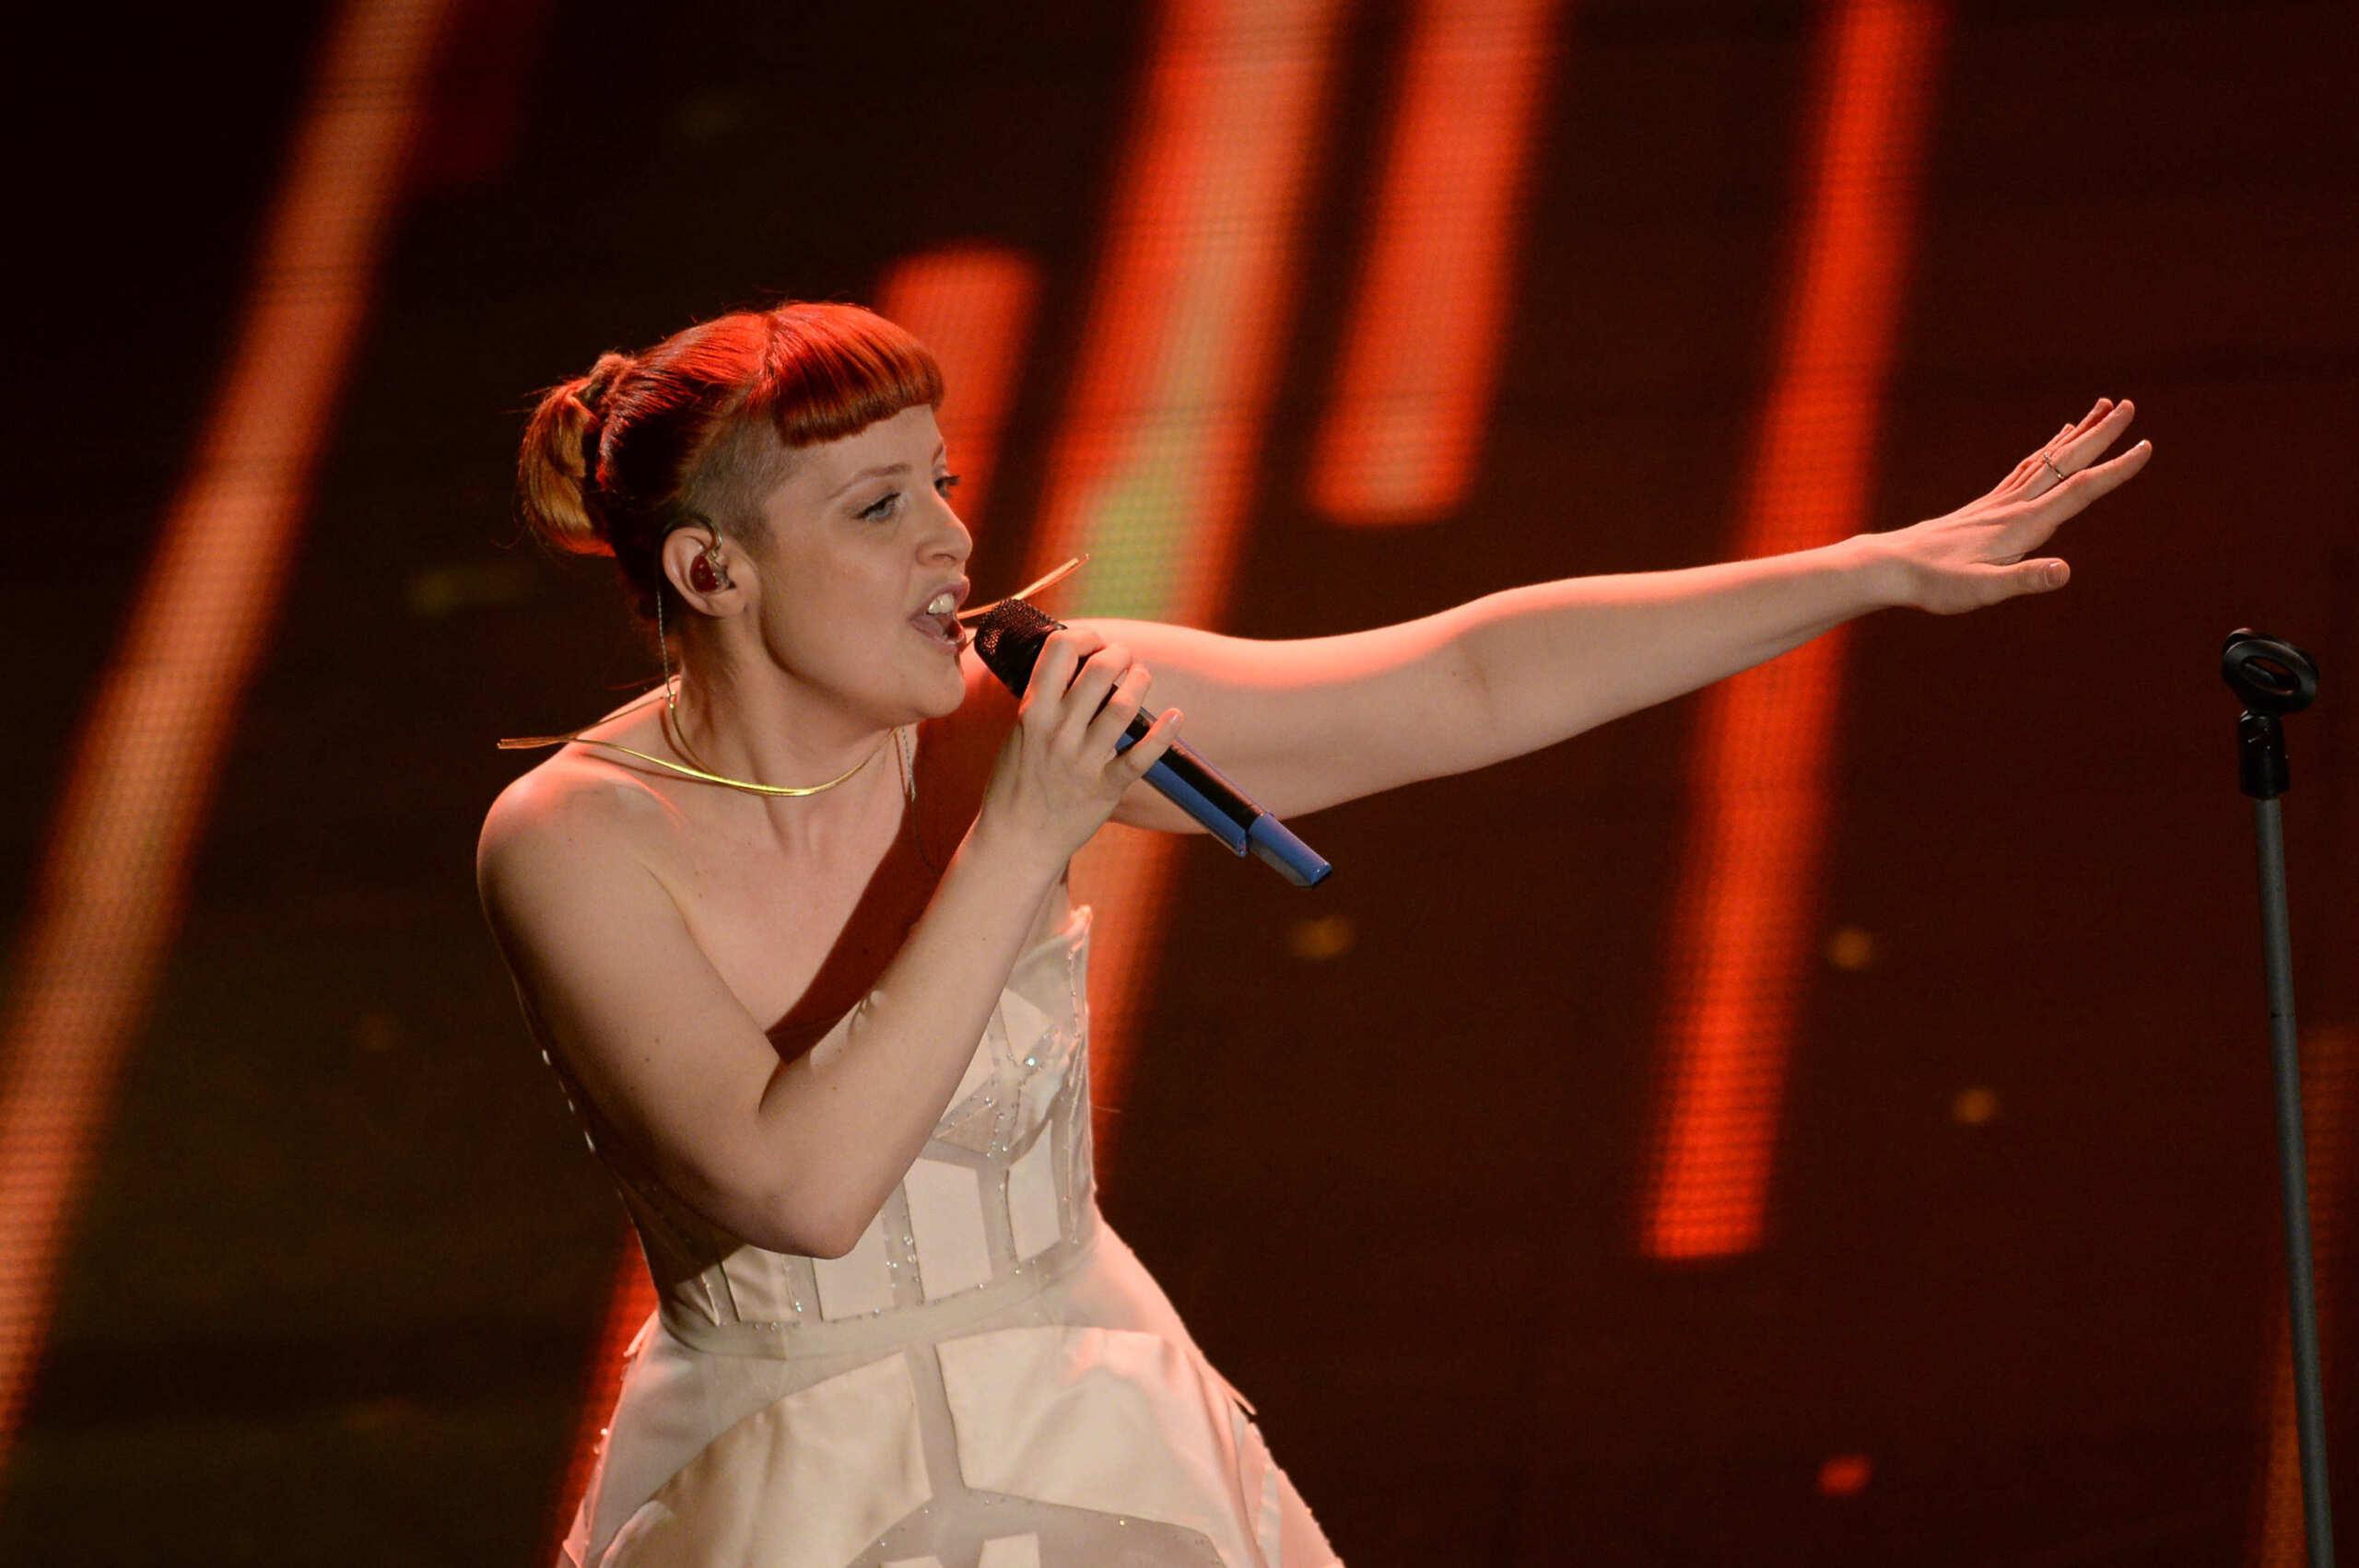 Noemi a Sanremo 2014 / Fonte foto: FPAnimazione